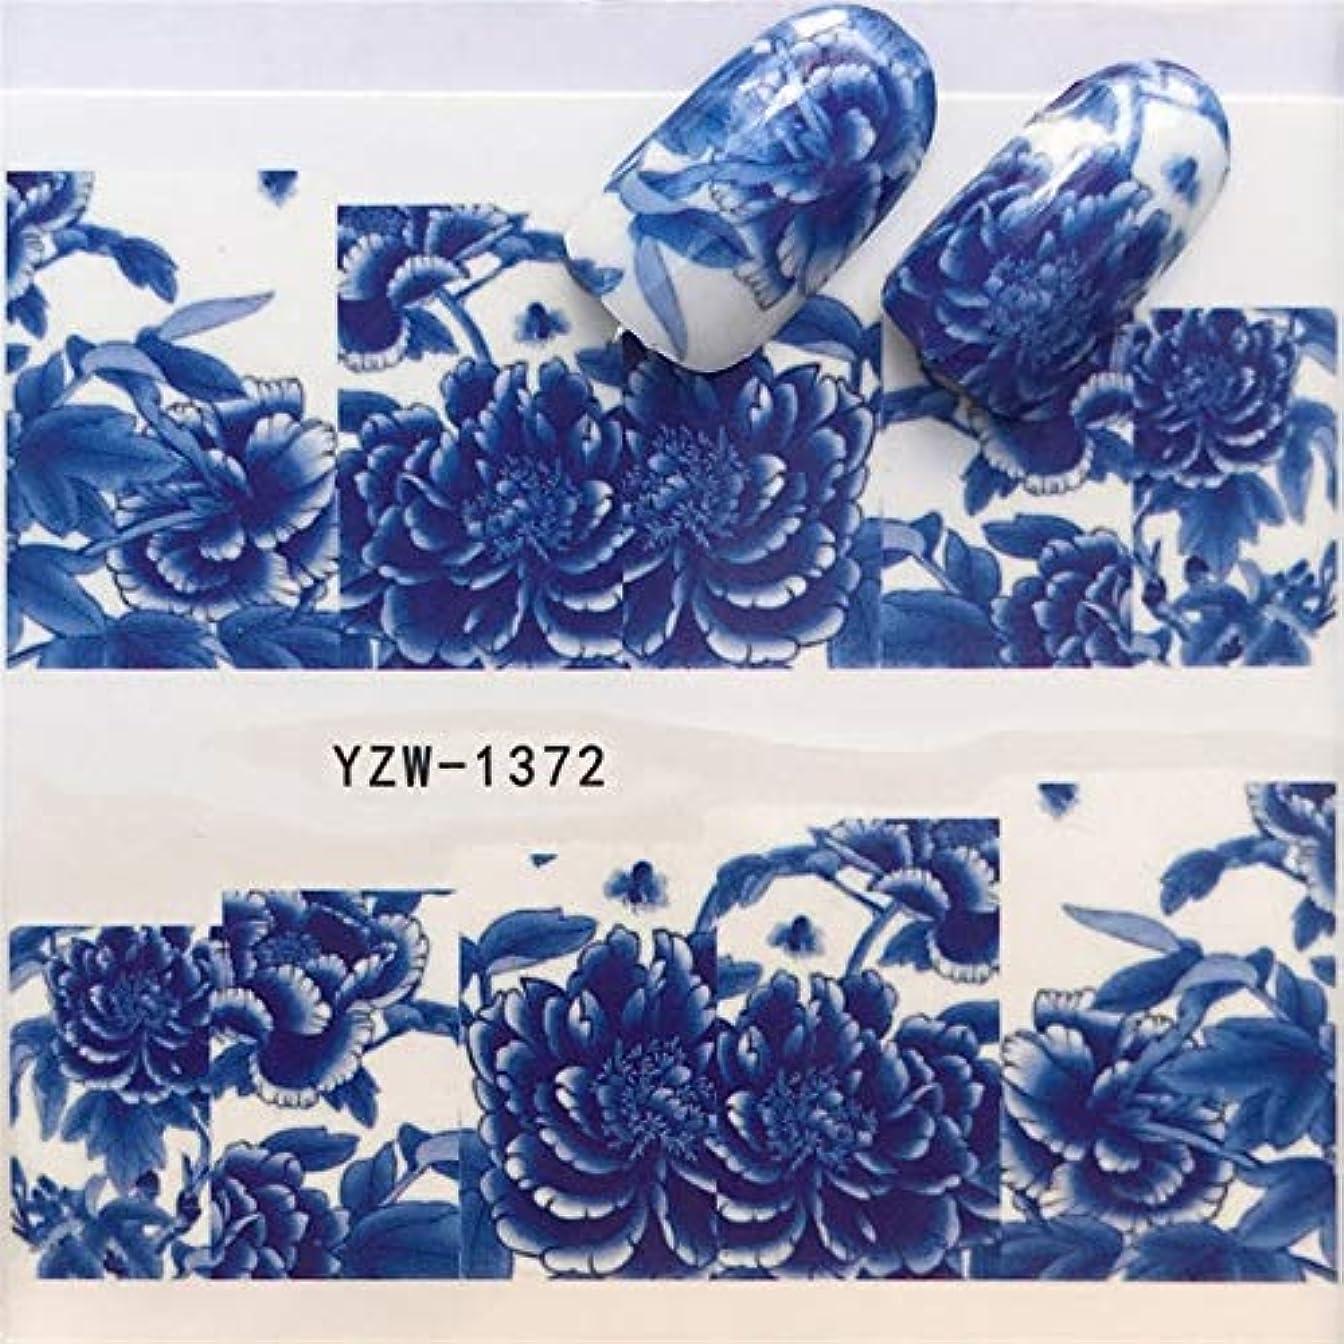 宿すり減るキャリア手足ビューティーケア 3個ネイルステッカーセットデカール水転写スライダーネイルアートデコレーション、色:YZW 1372